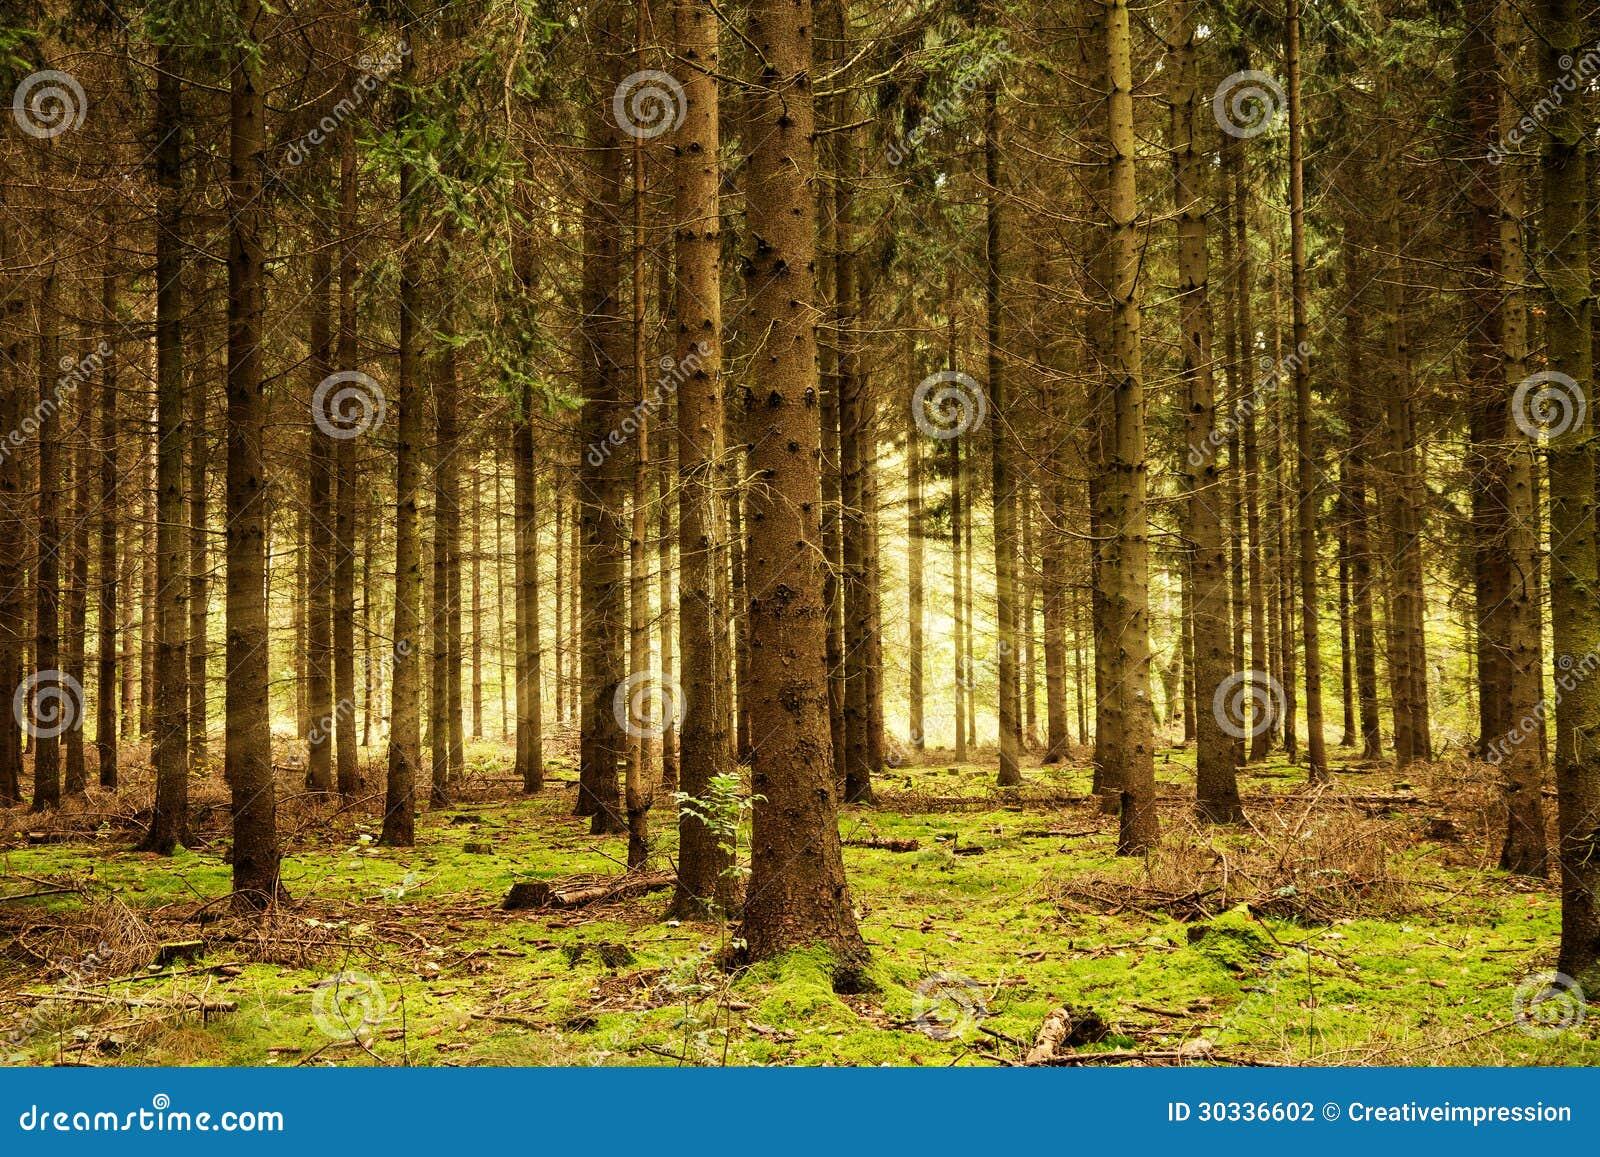 光束在森林里